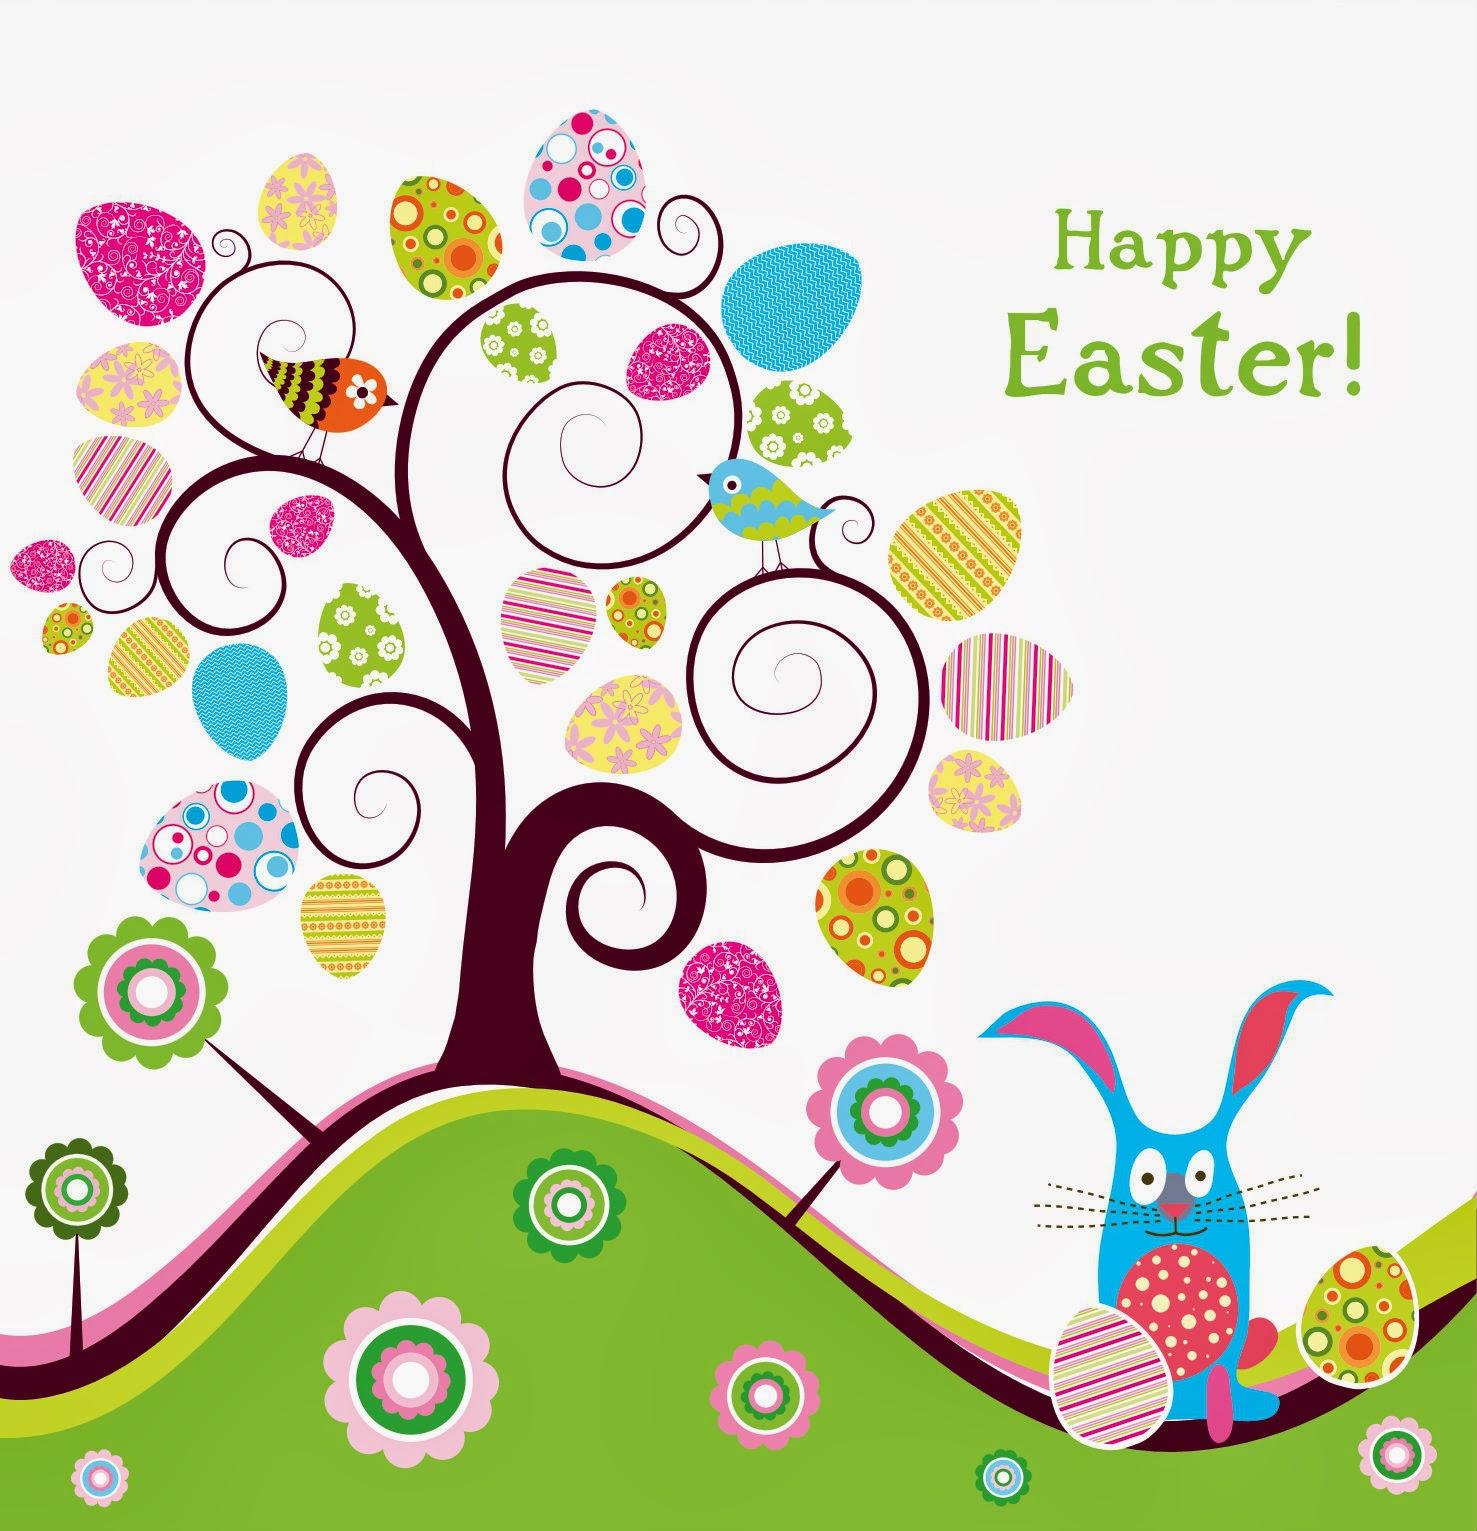 Printable Birthday Cards: Printable Easter Cards September 2017 - Free Printable Easter Cards